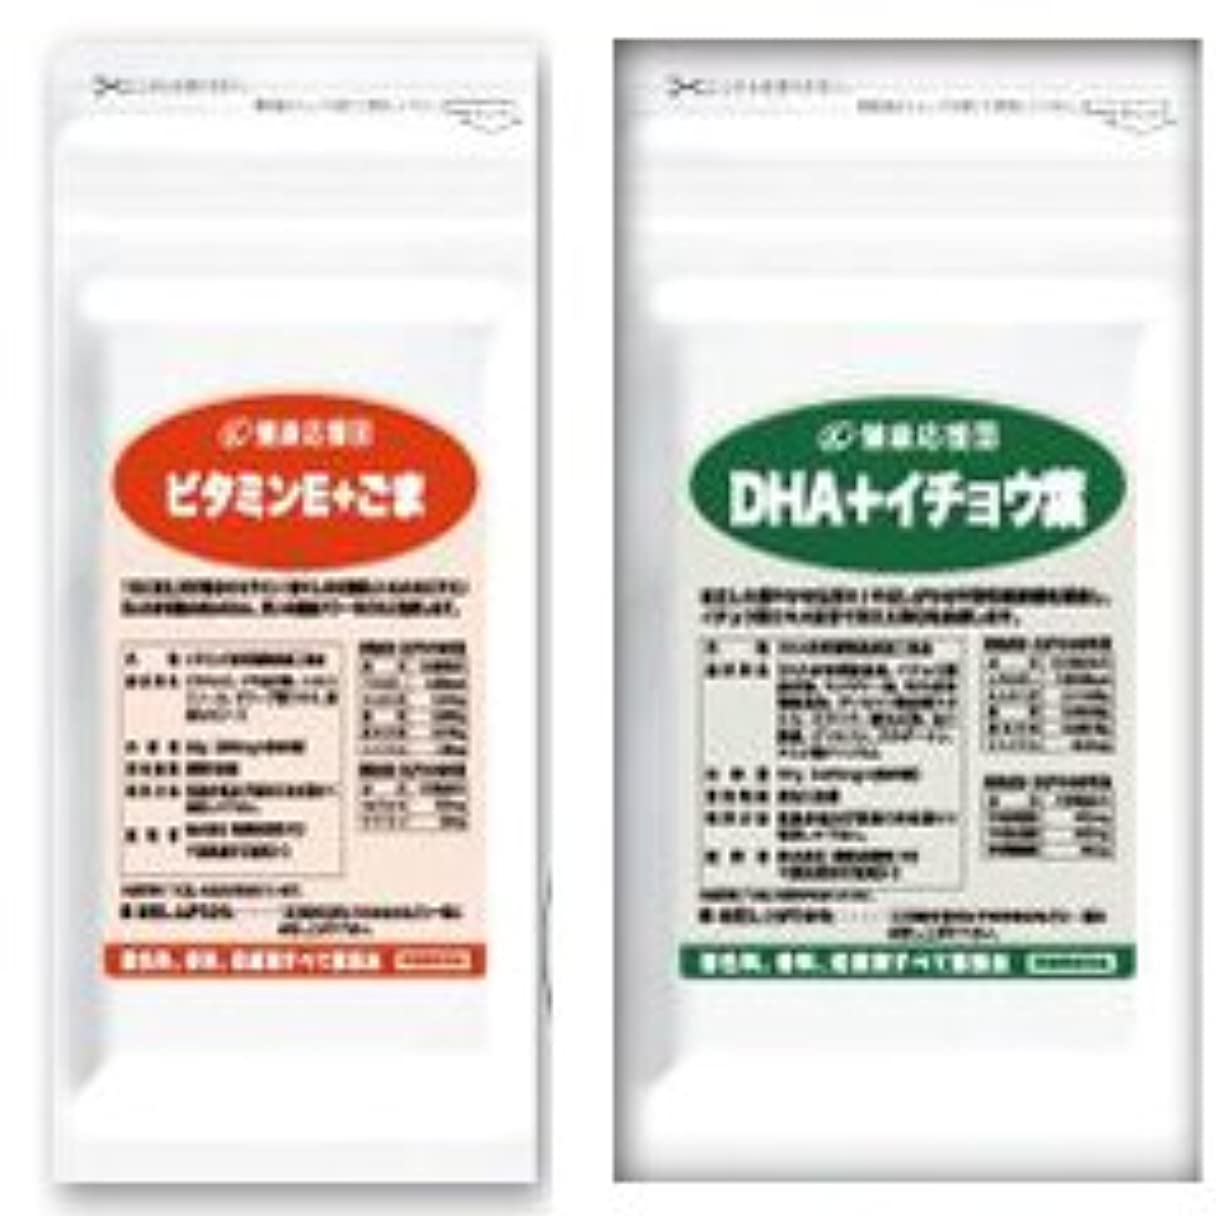 代わりにを立てる不潔塩(お徳用12か月分) 毎日元気セット(ビタミンE+ごま)+(DHA+イチョウ葉エキス) 12袋&12袋セット(DHA?EPA?ビタミンE?セサミン)